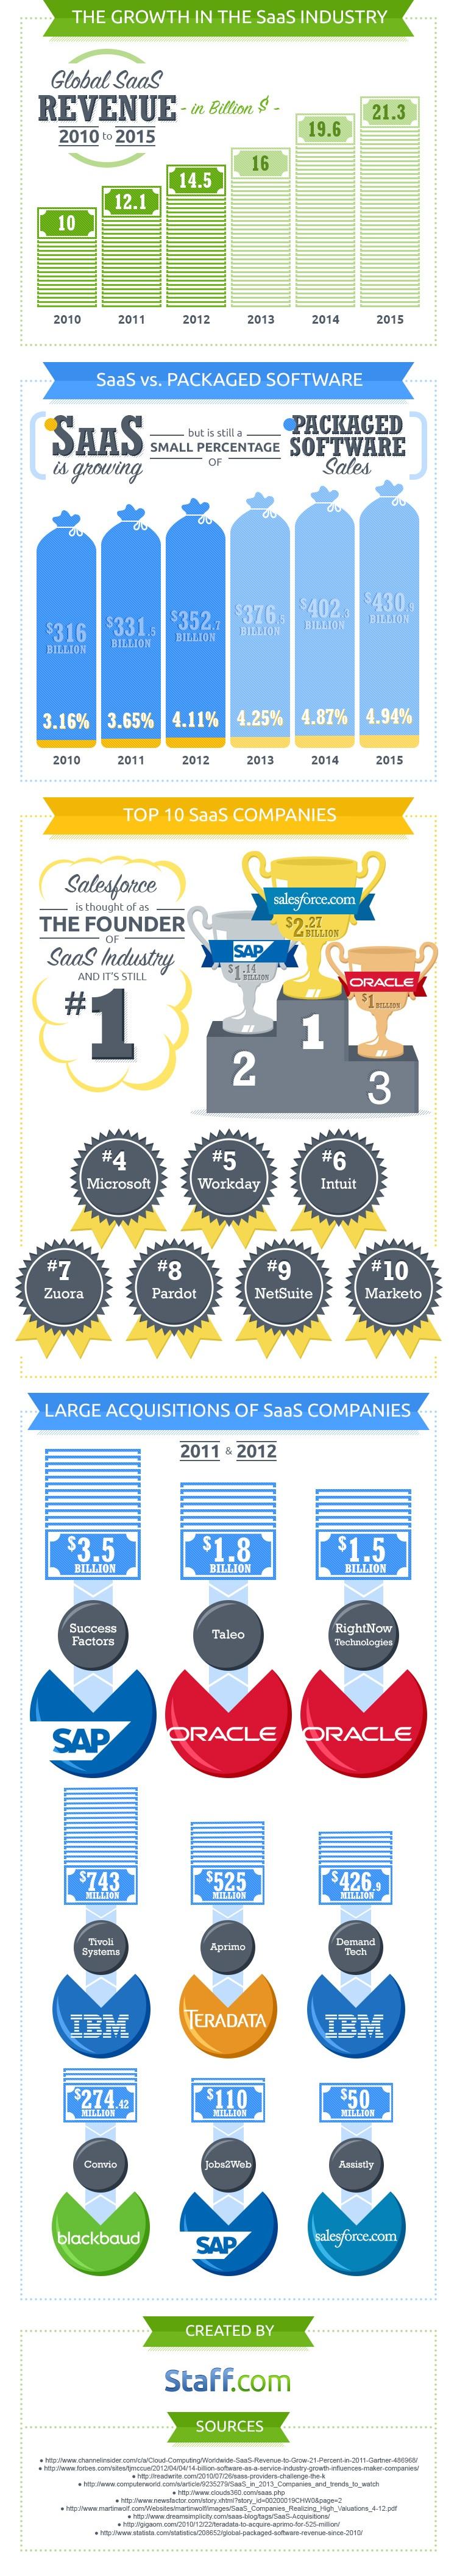 El estado del SaaS (software como servicio)